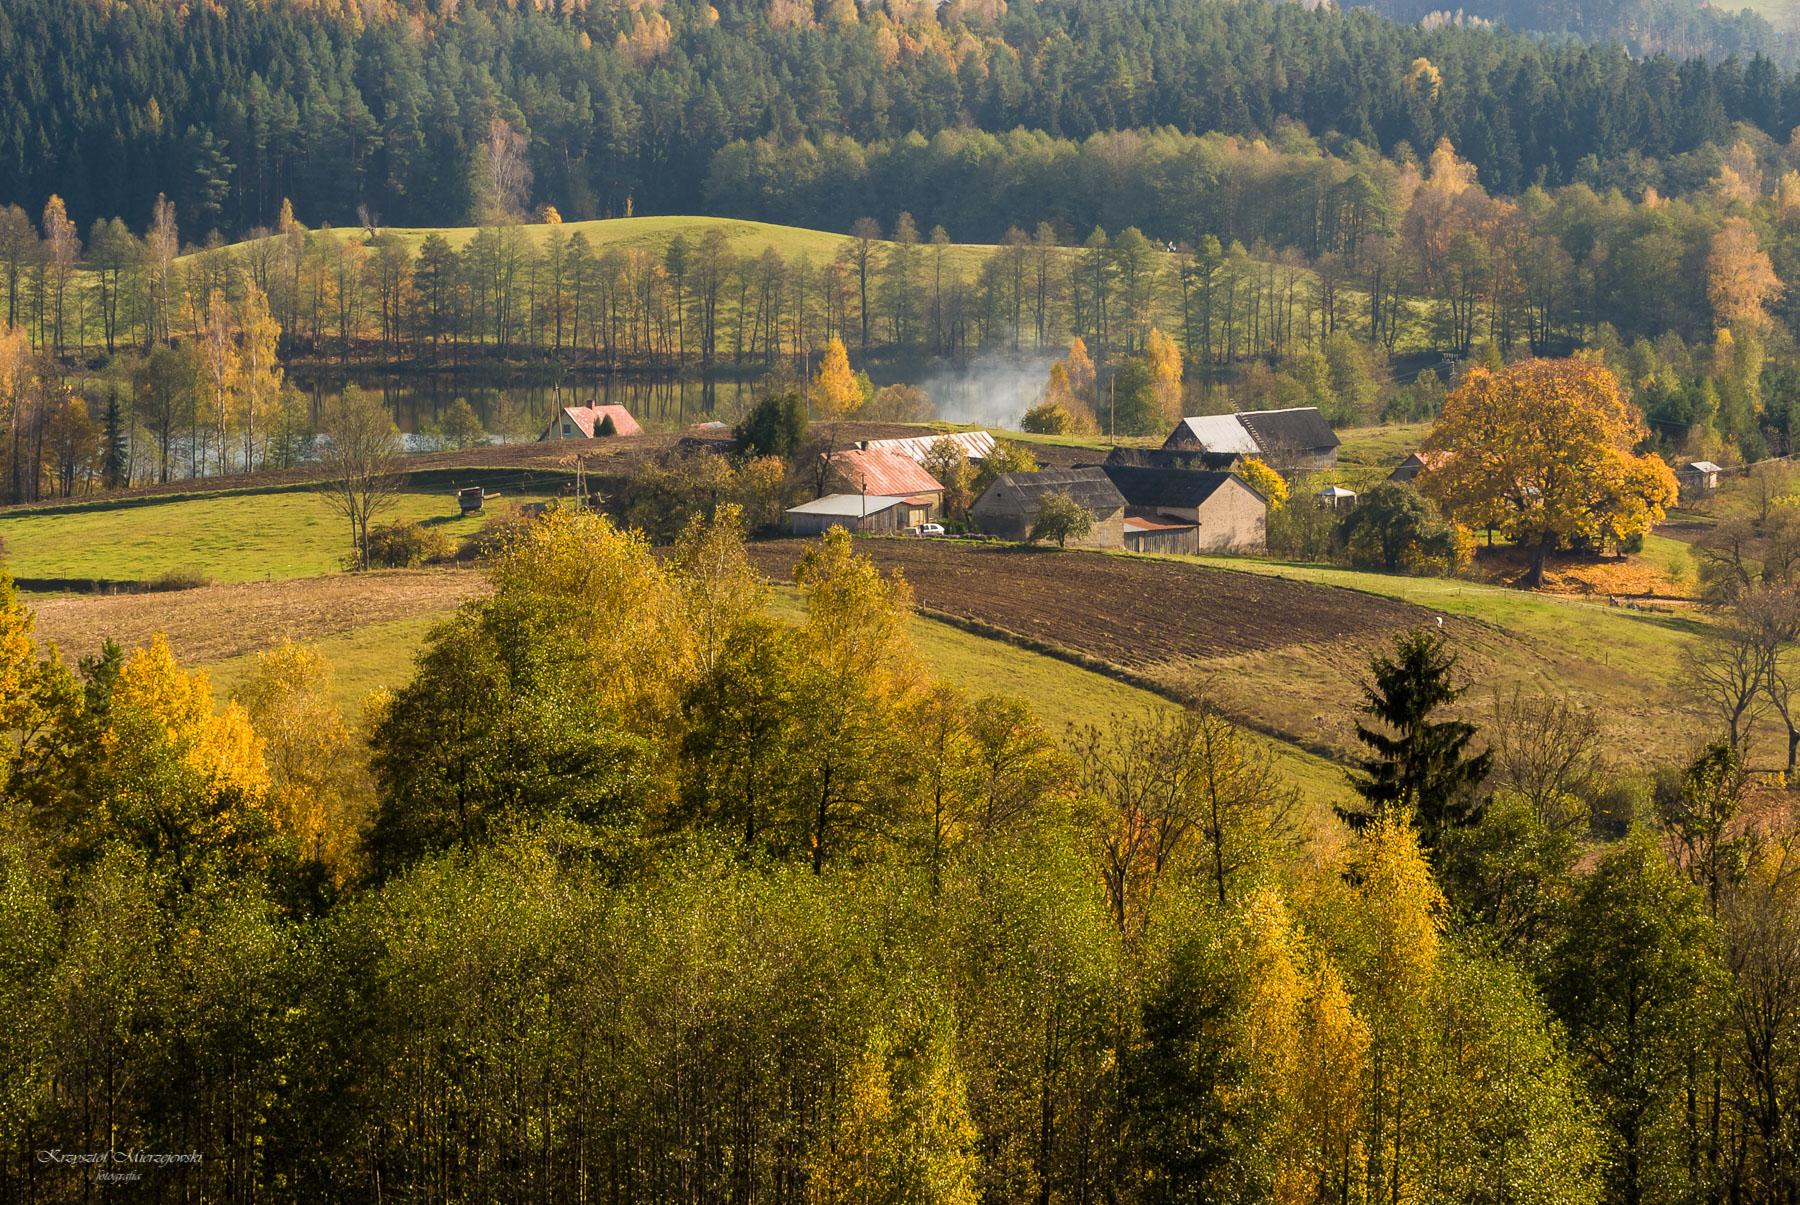 Na wsi w SPK. Fot.K.Mierzejewski